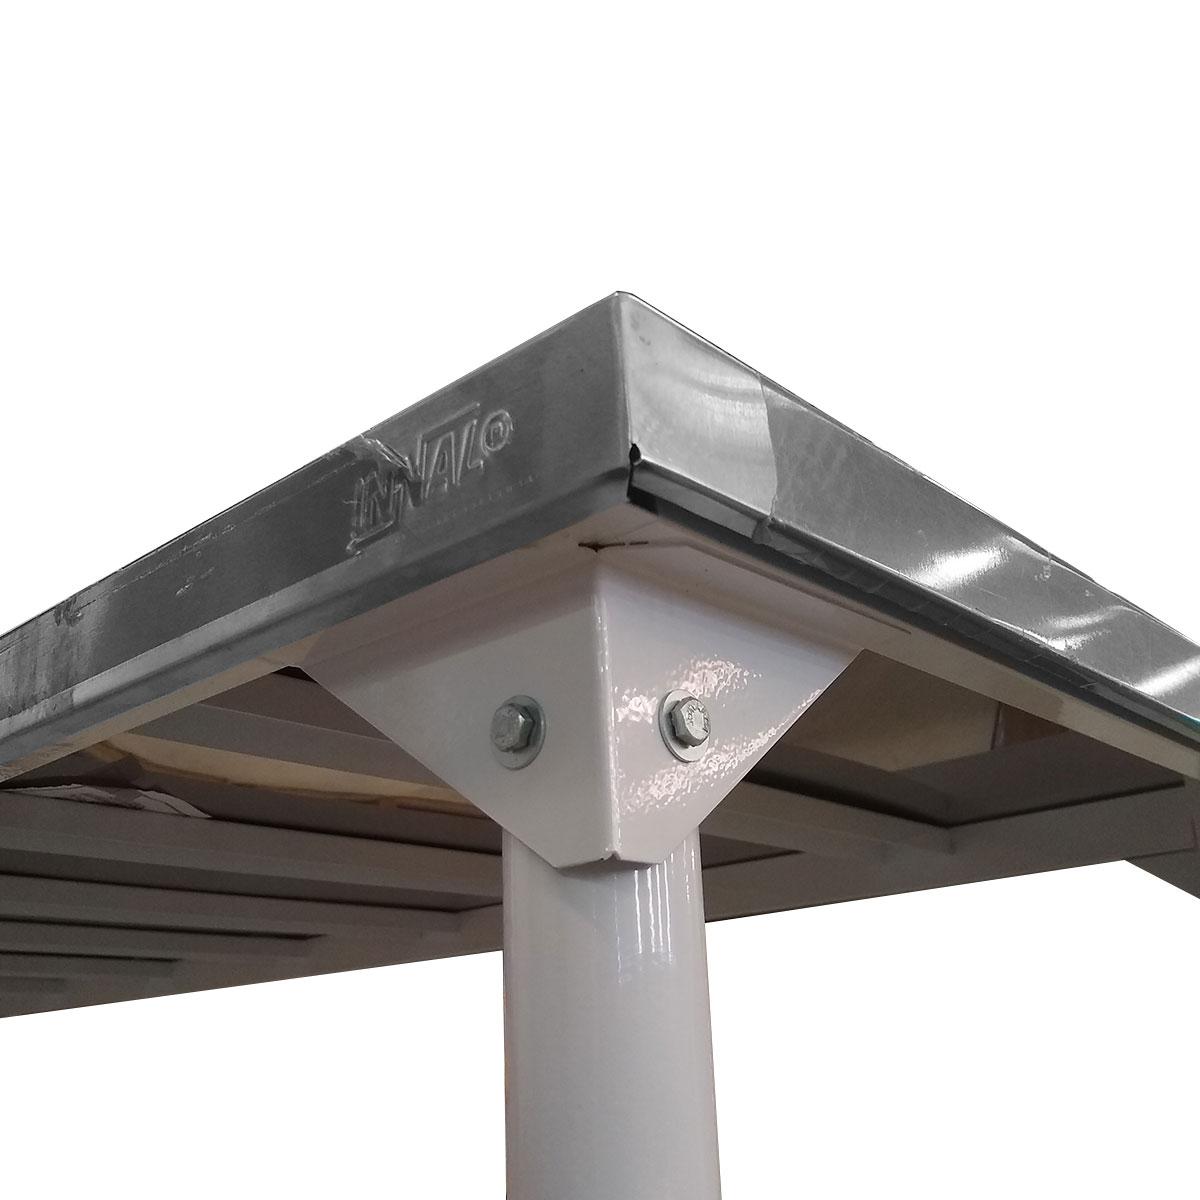 Mesa em Inox Innal 190x90 com Prateleira Grade  - Carmel Equipamentos